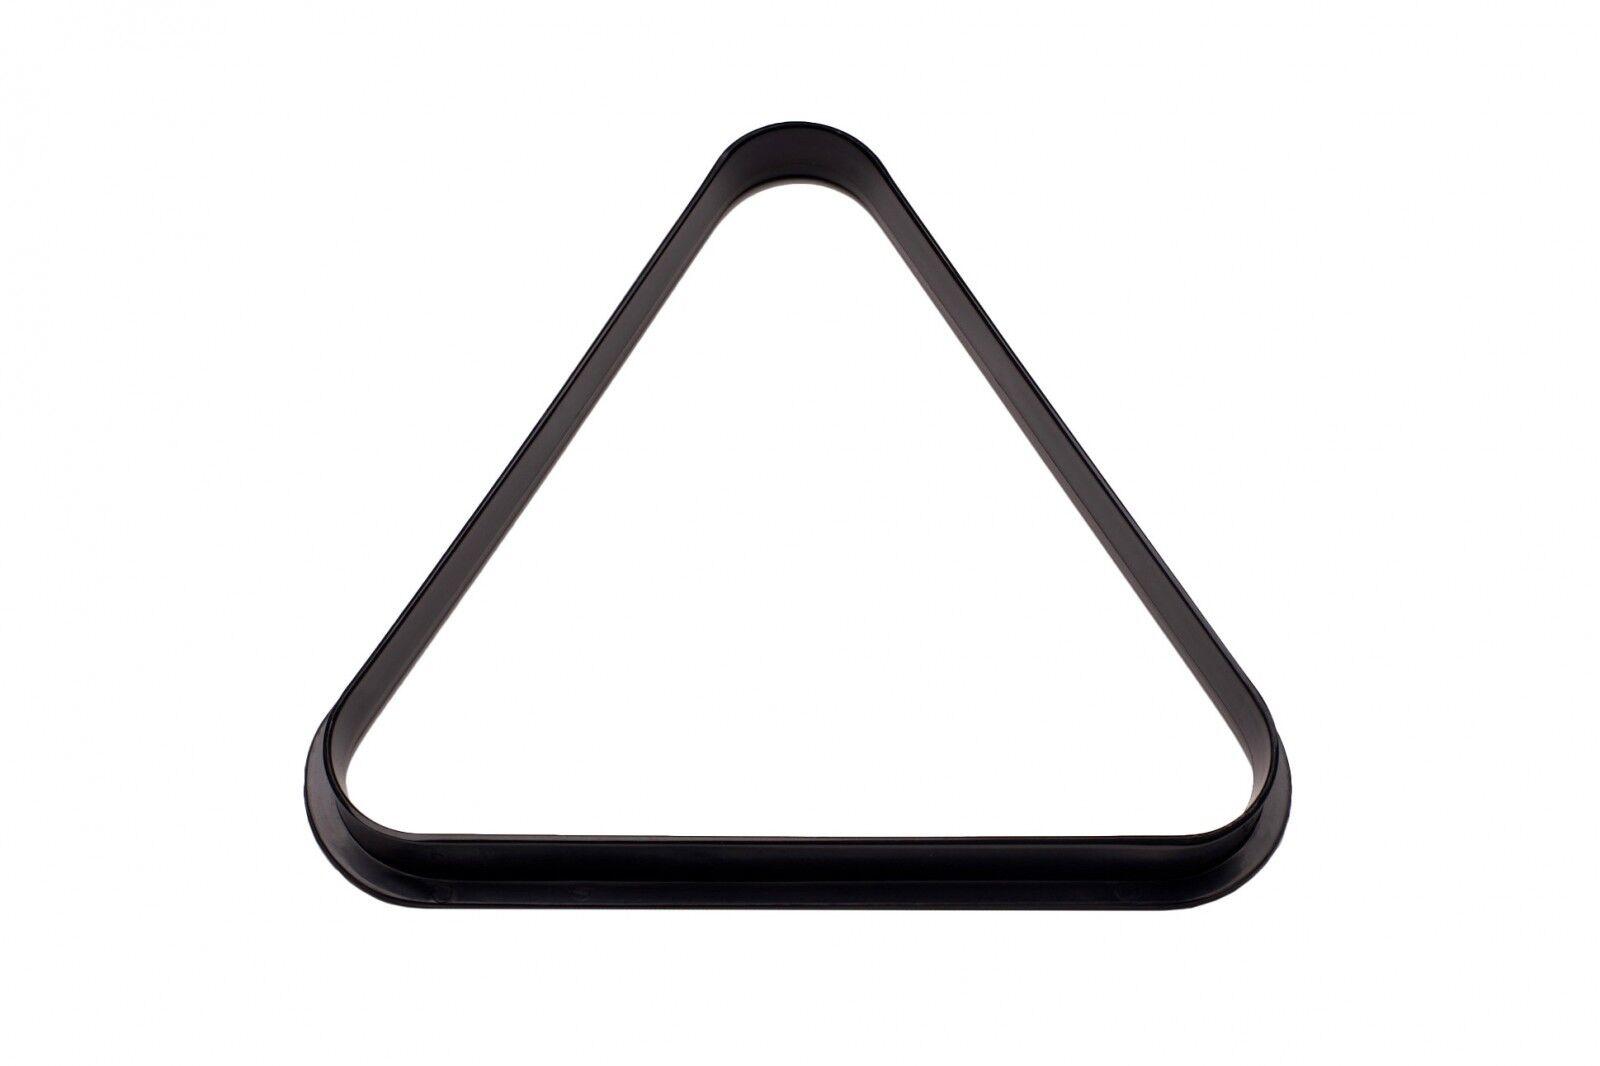 Best Sporting Billard Billiard Snooker Pool Dreieck Triangel Triangle 31,5 cm